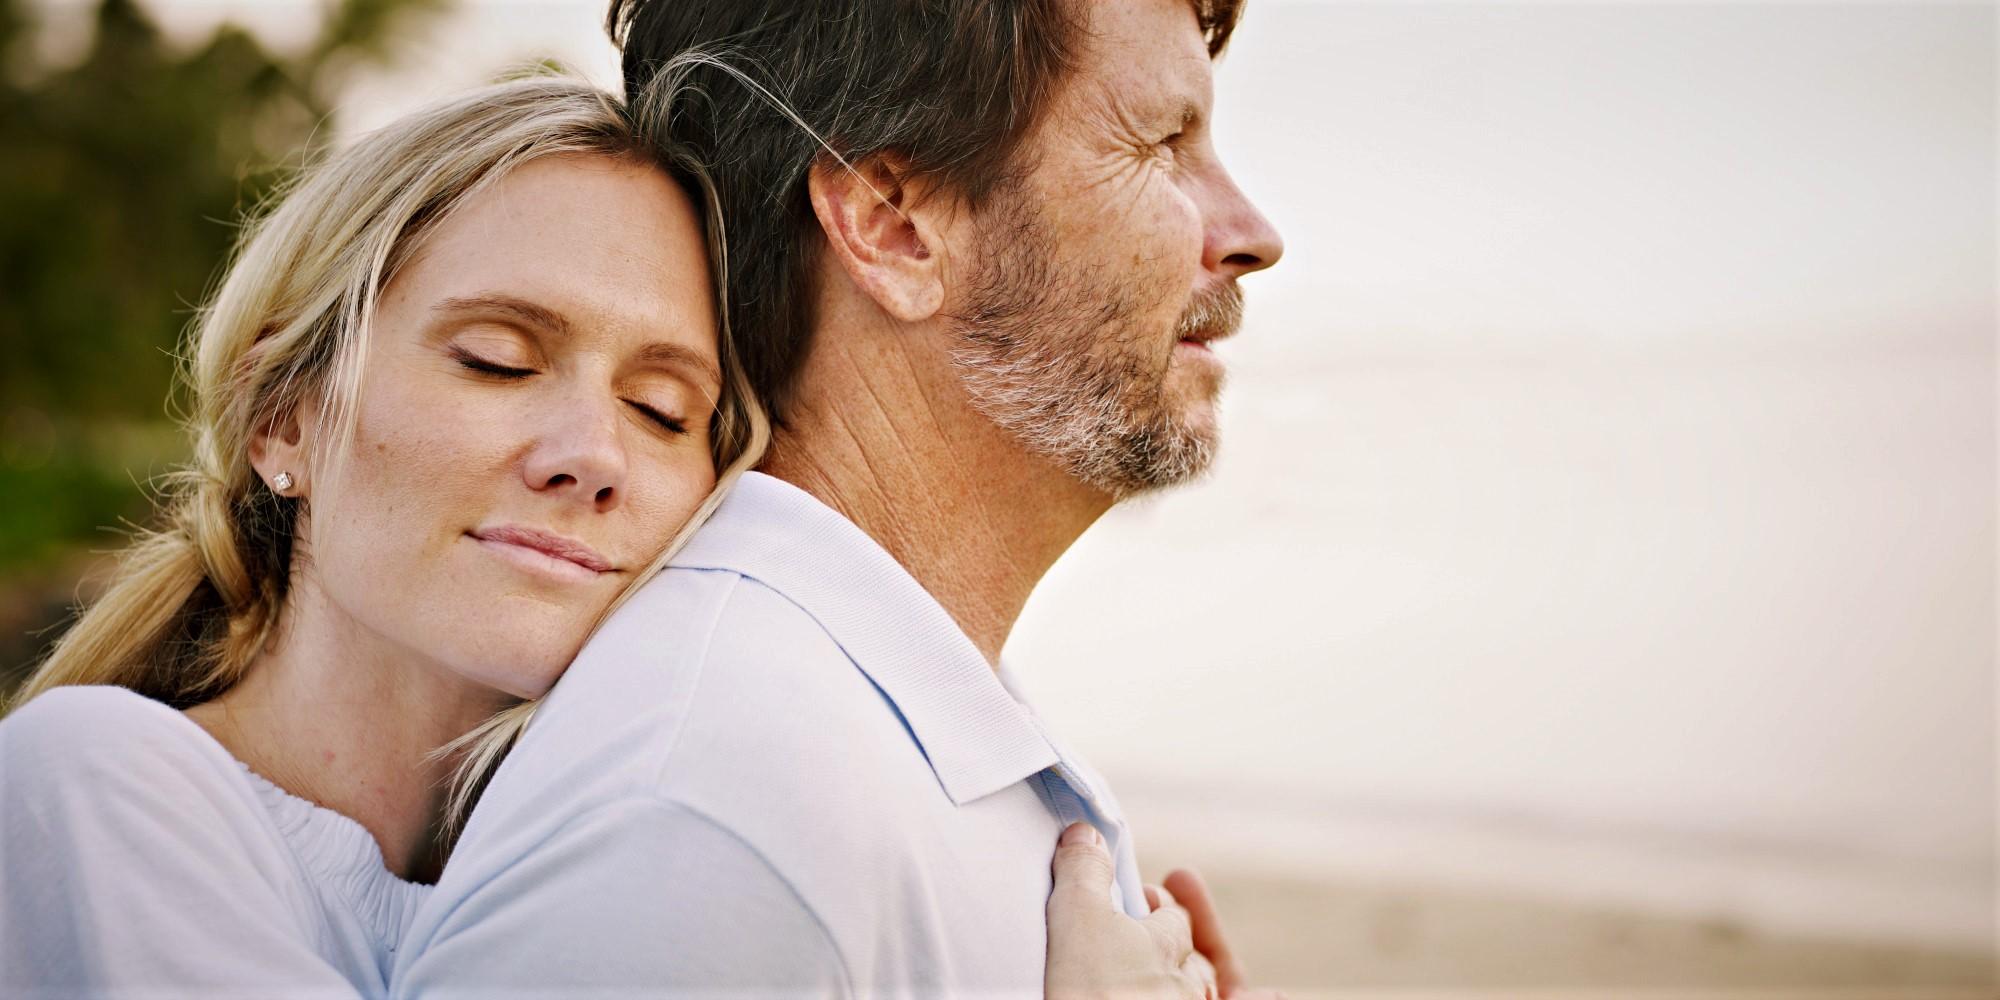 муж и жена теплые взаимоотношения